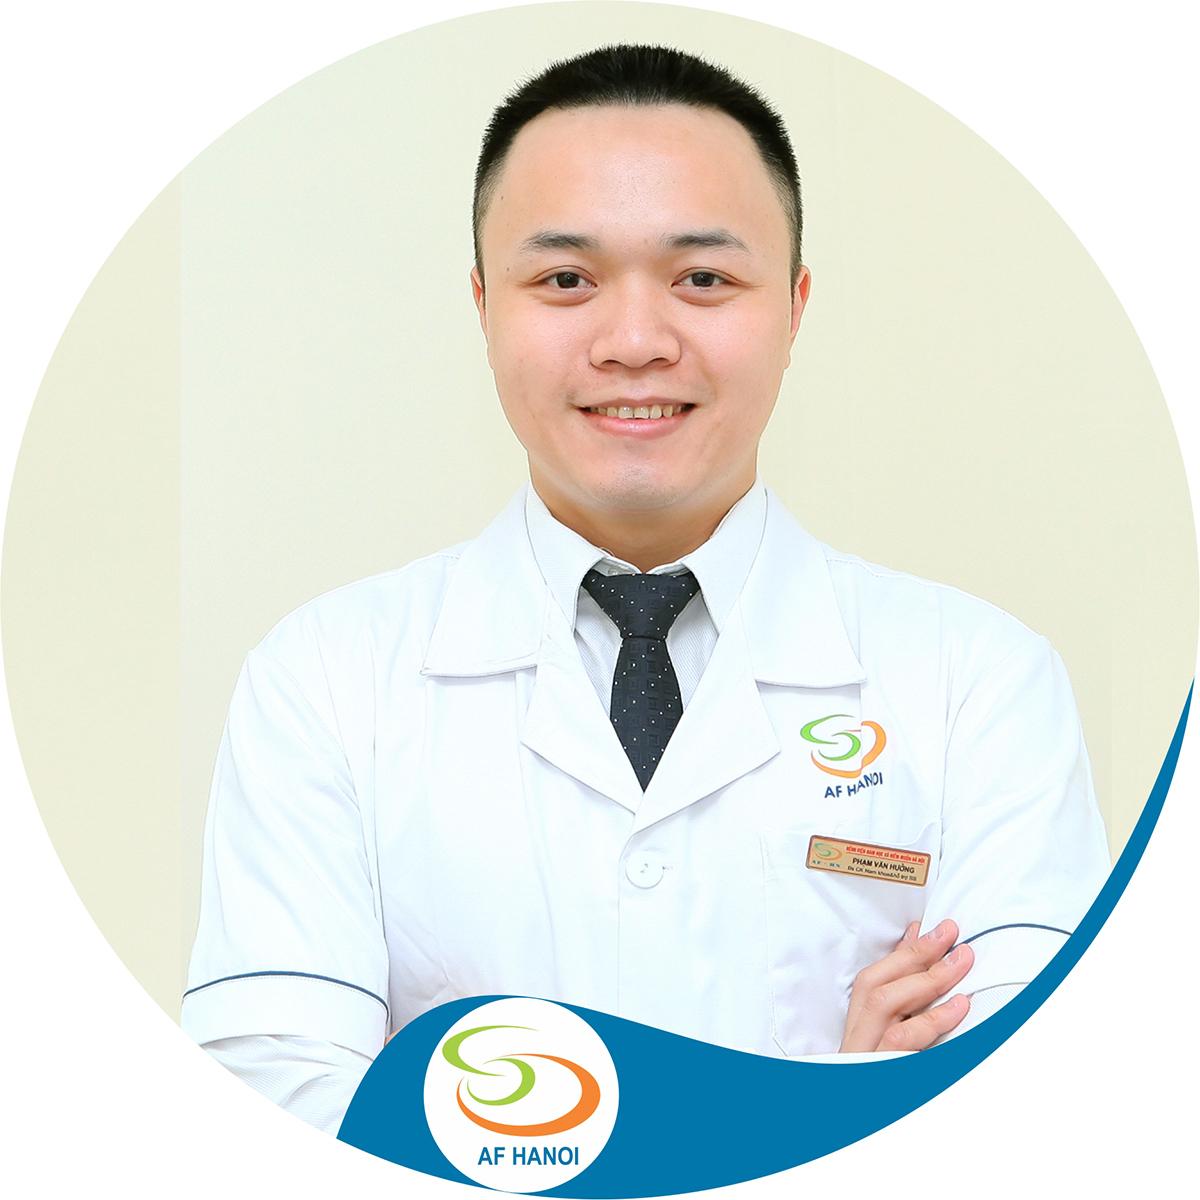 Cử nhân Trần Anh Khoa - Chuyên viên Phôi học